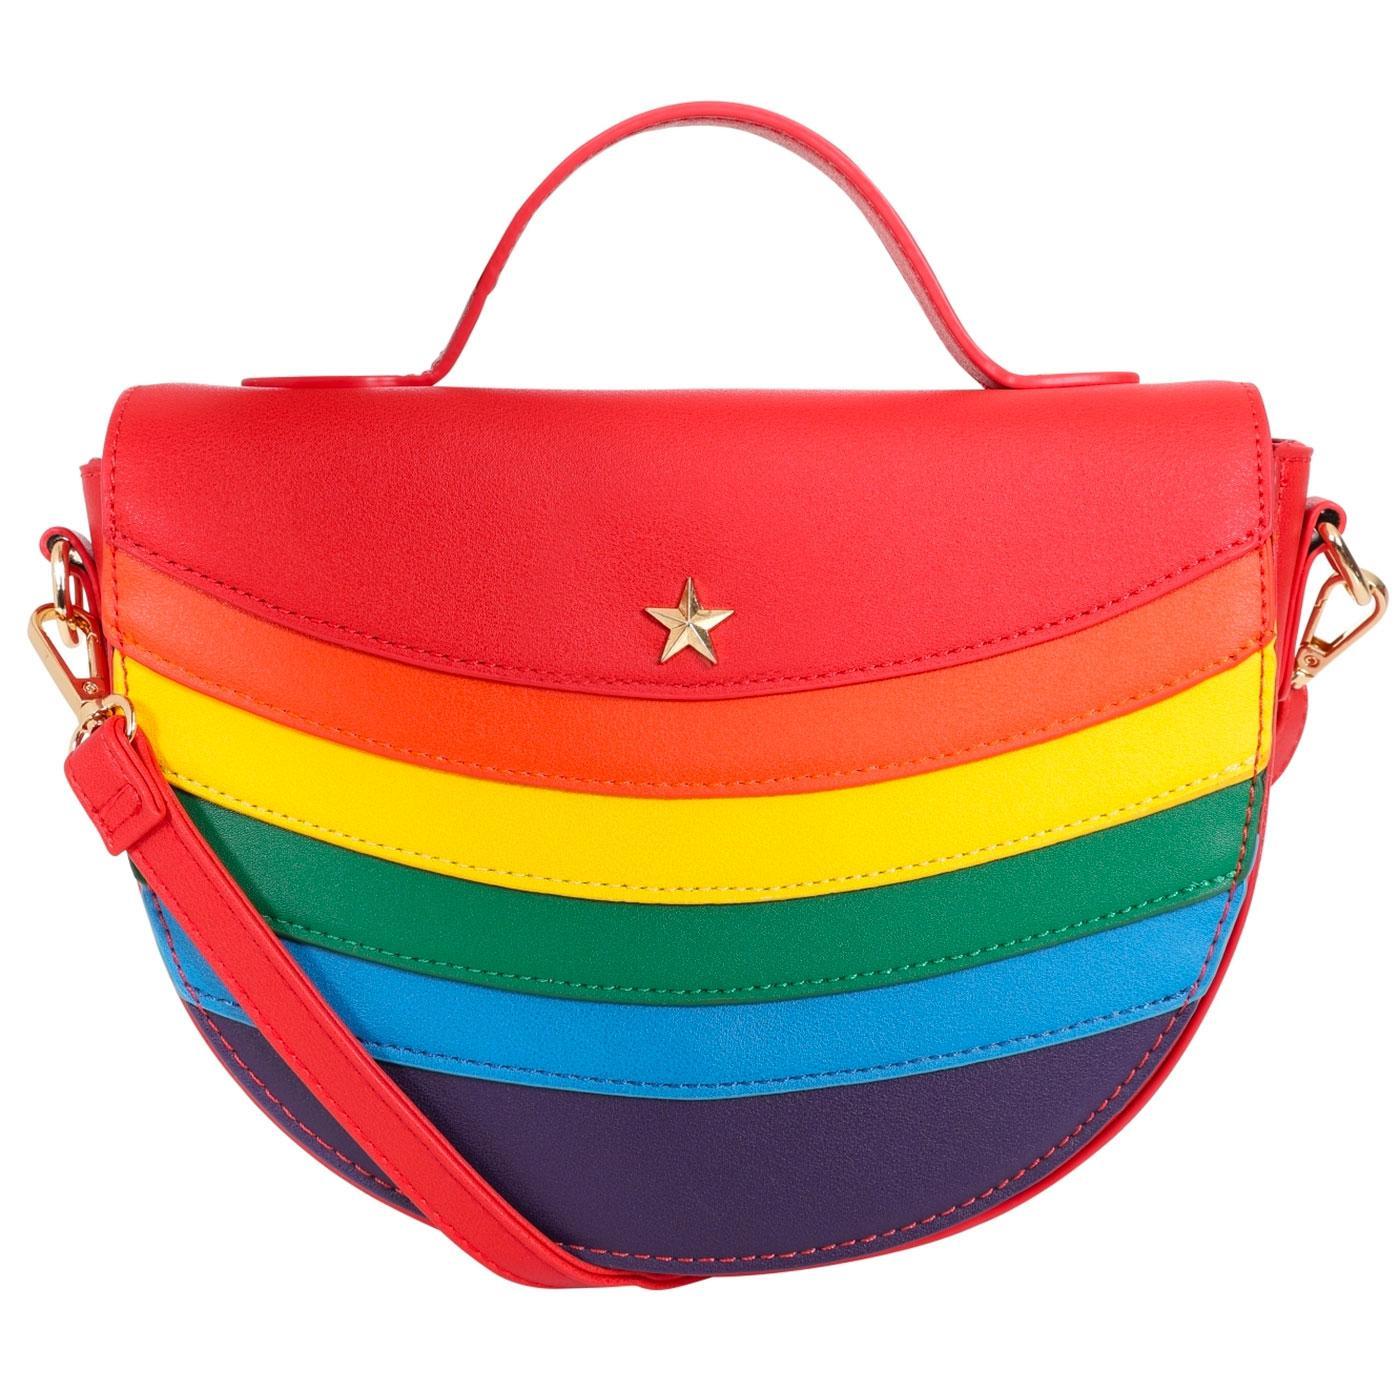 Gioia LULU HUN Retro 70s Rainbow Saddle Bag in Red